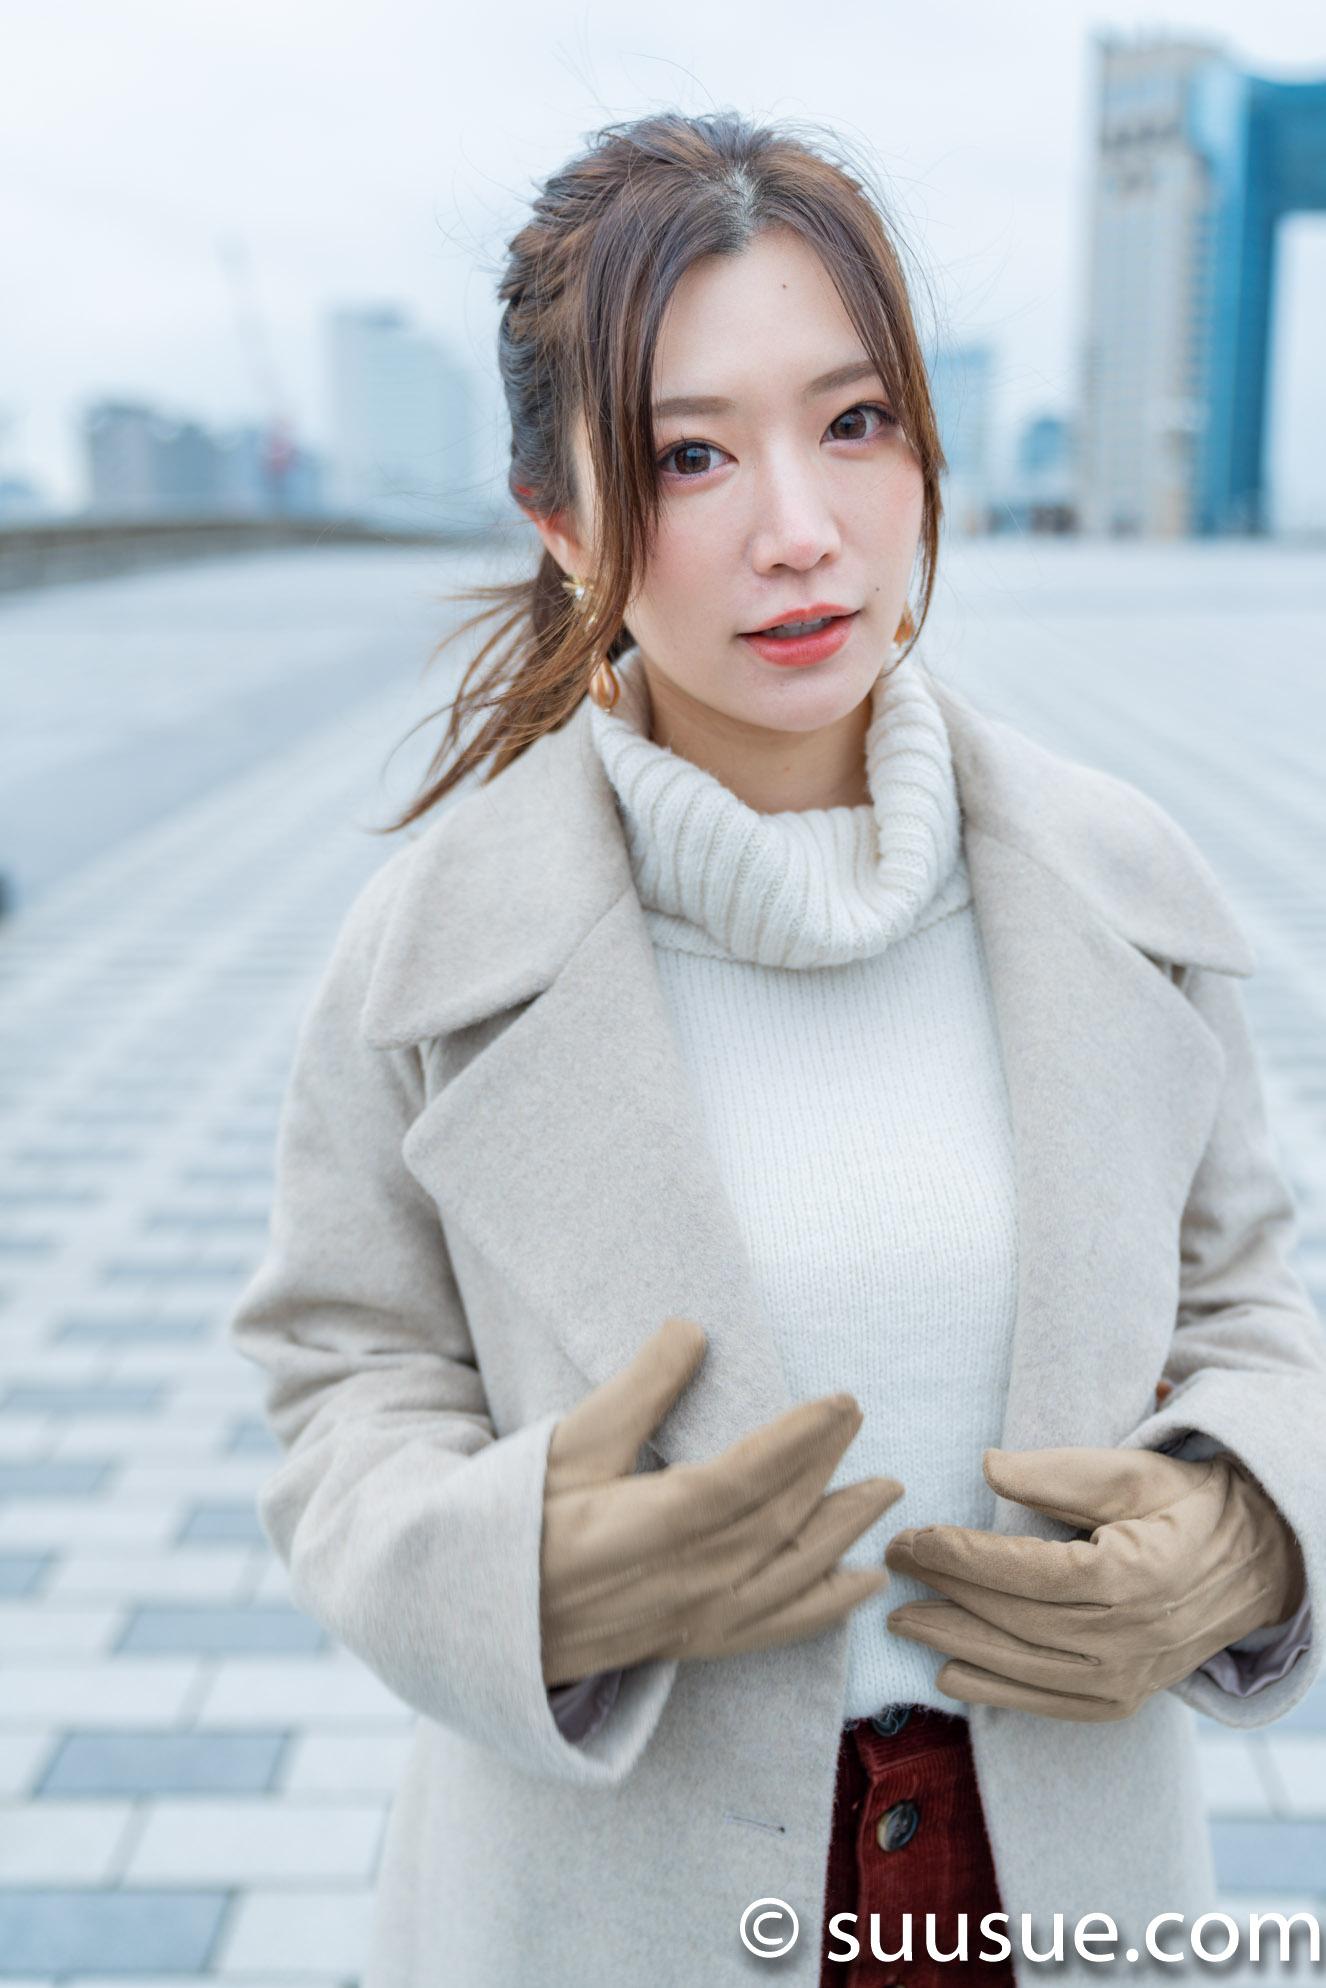 小嶋みやび 2019/12/07 NewType撮影会